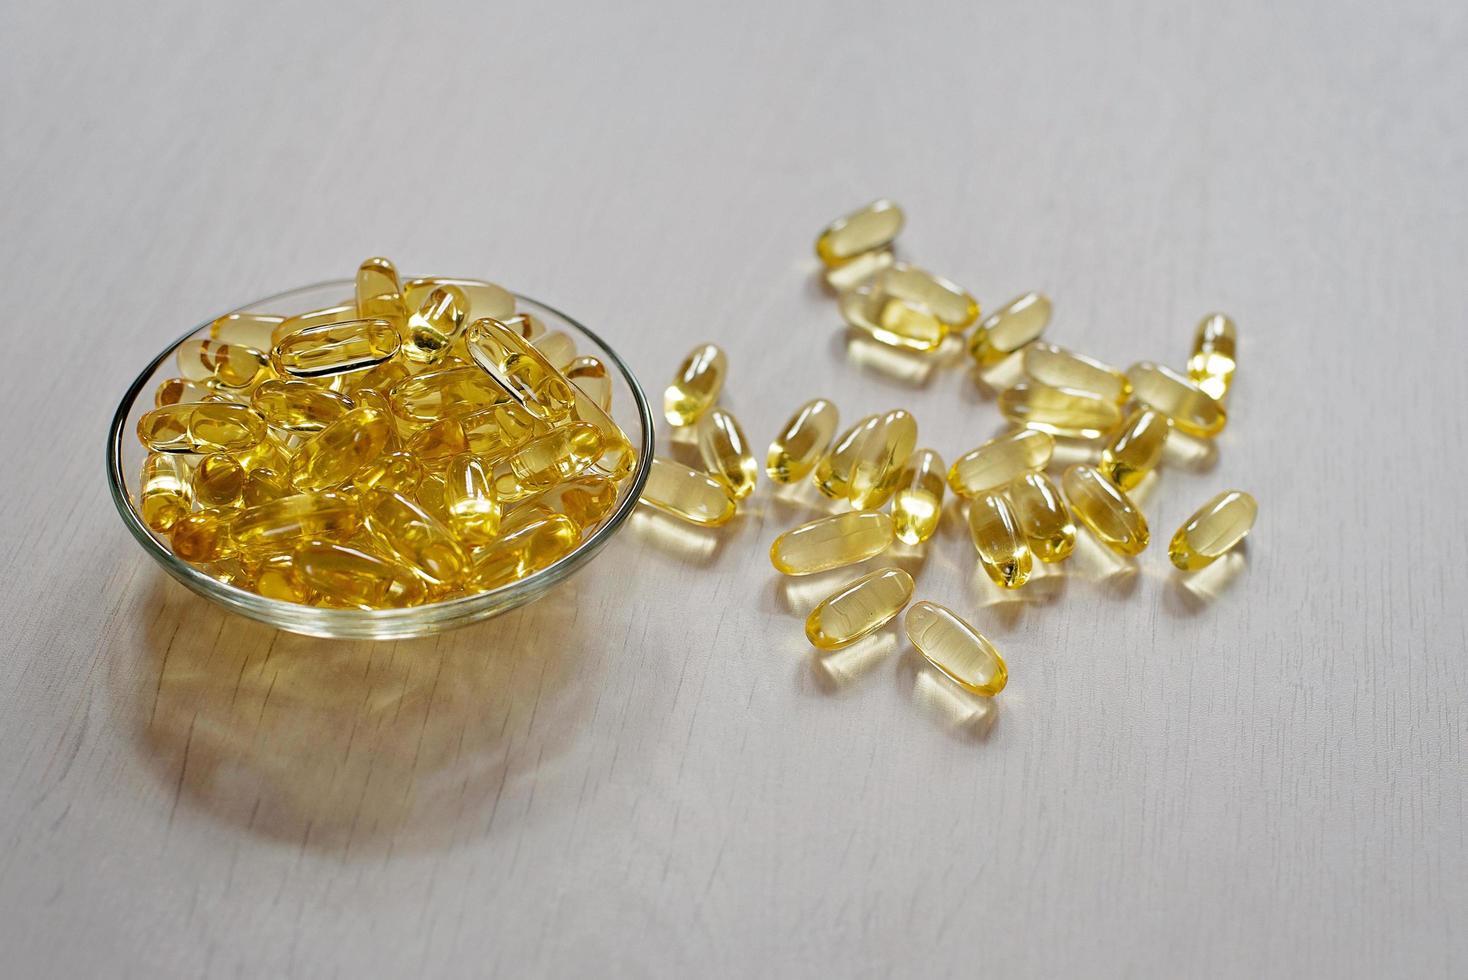 pastillas de aceite de pescado. cápsulas de gel de omega-3. Complemento alimenticio obtenido a partir de hígado de bacalao. concepto sanitario y médico. foto